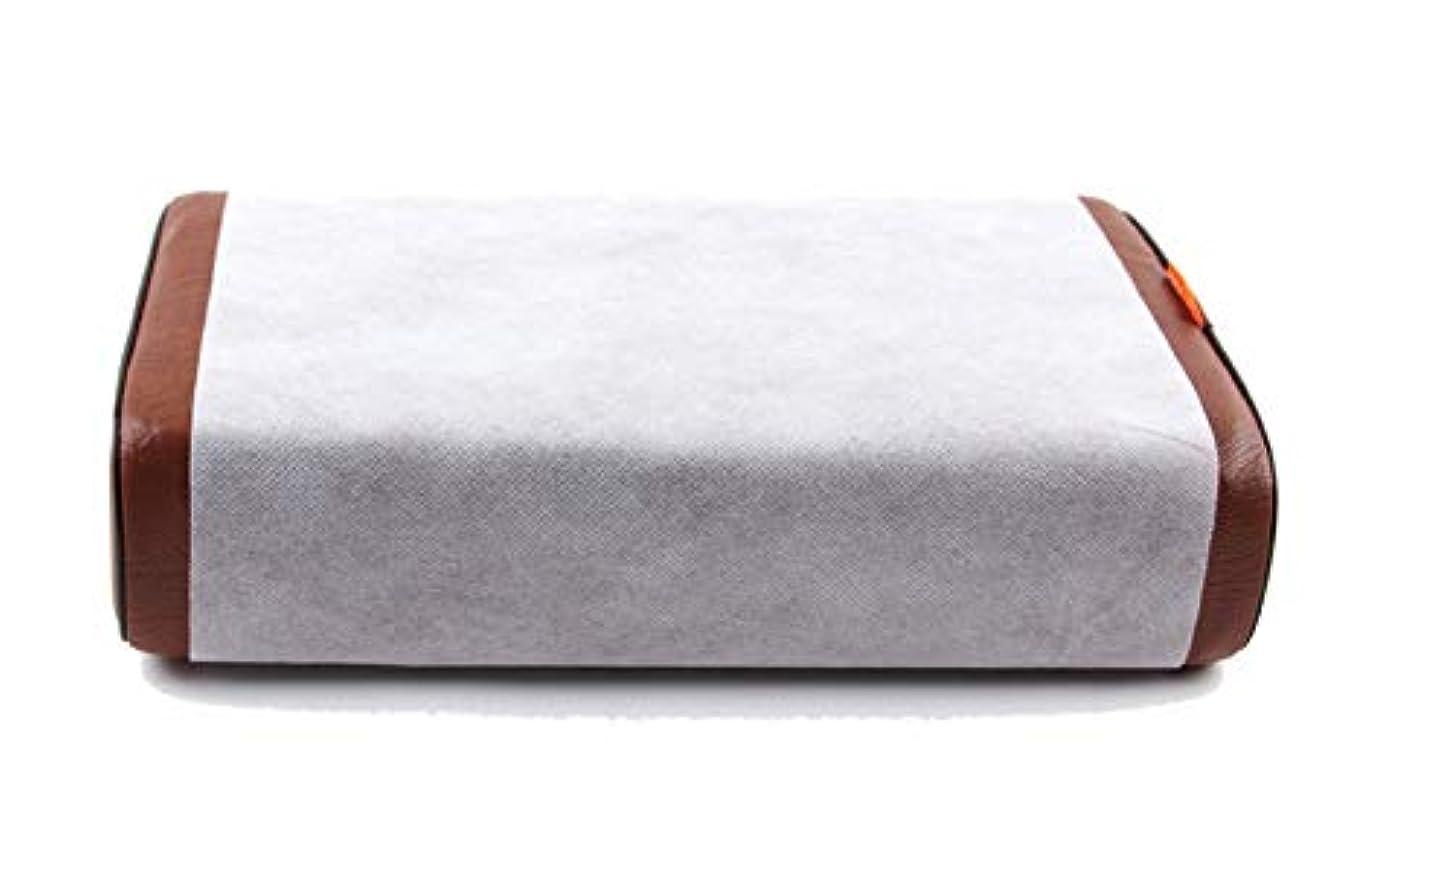 影のある章クルー200pcs ディスポーザブルマッサージピローカバー 枕カバー 使い捨てマッサージ枕カバーペーパープロテクターオーバーレイパッドスパ病院